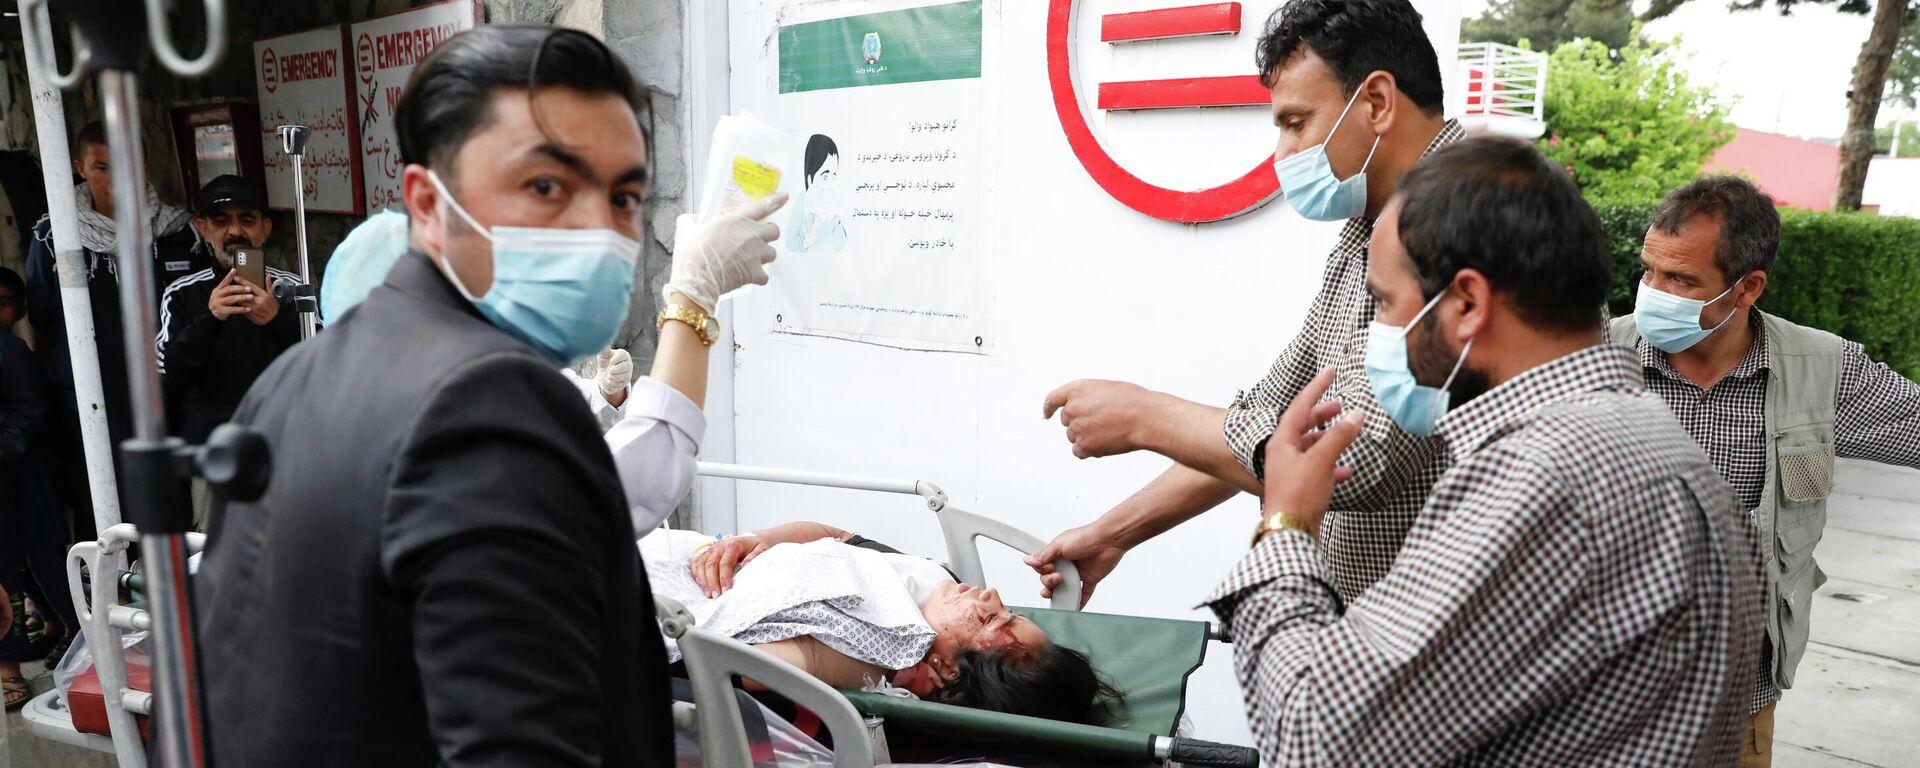 Una mujer herida tras la explosión en Kabul, (Afganistán), el 8 de mayo de 2021 - Sputnik Mundo, 1920, 08.05.2021